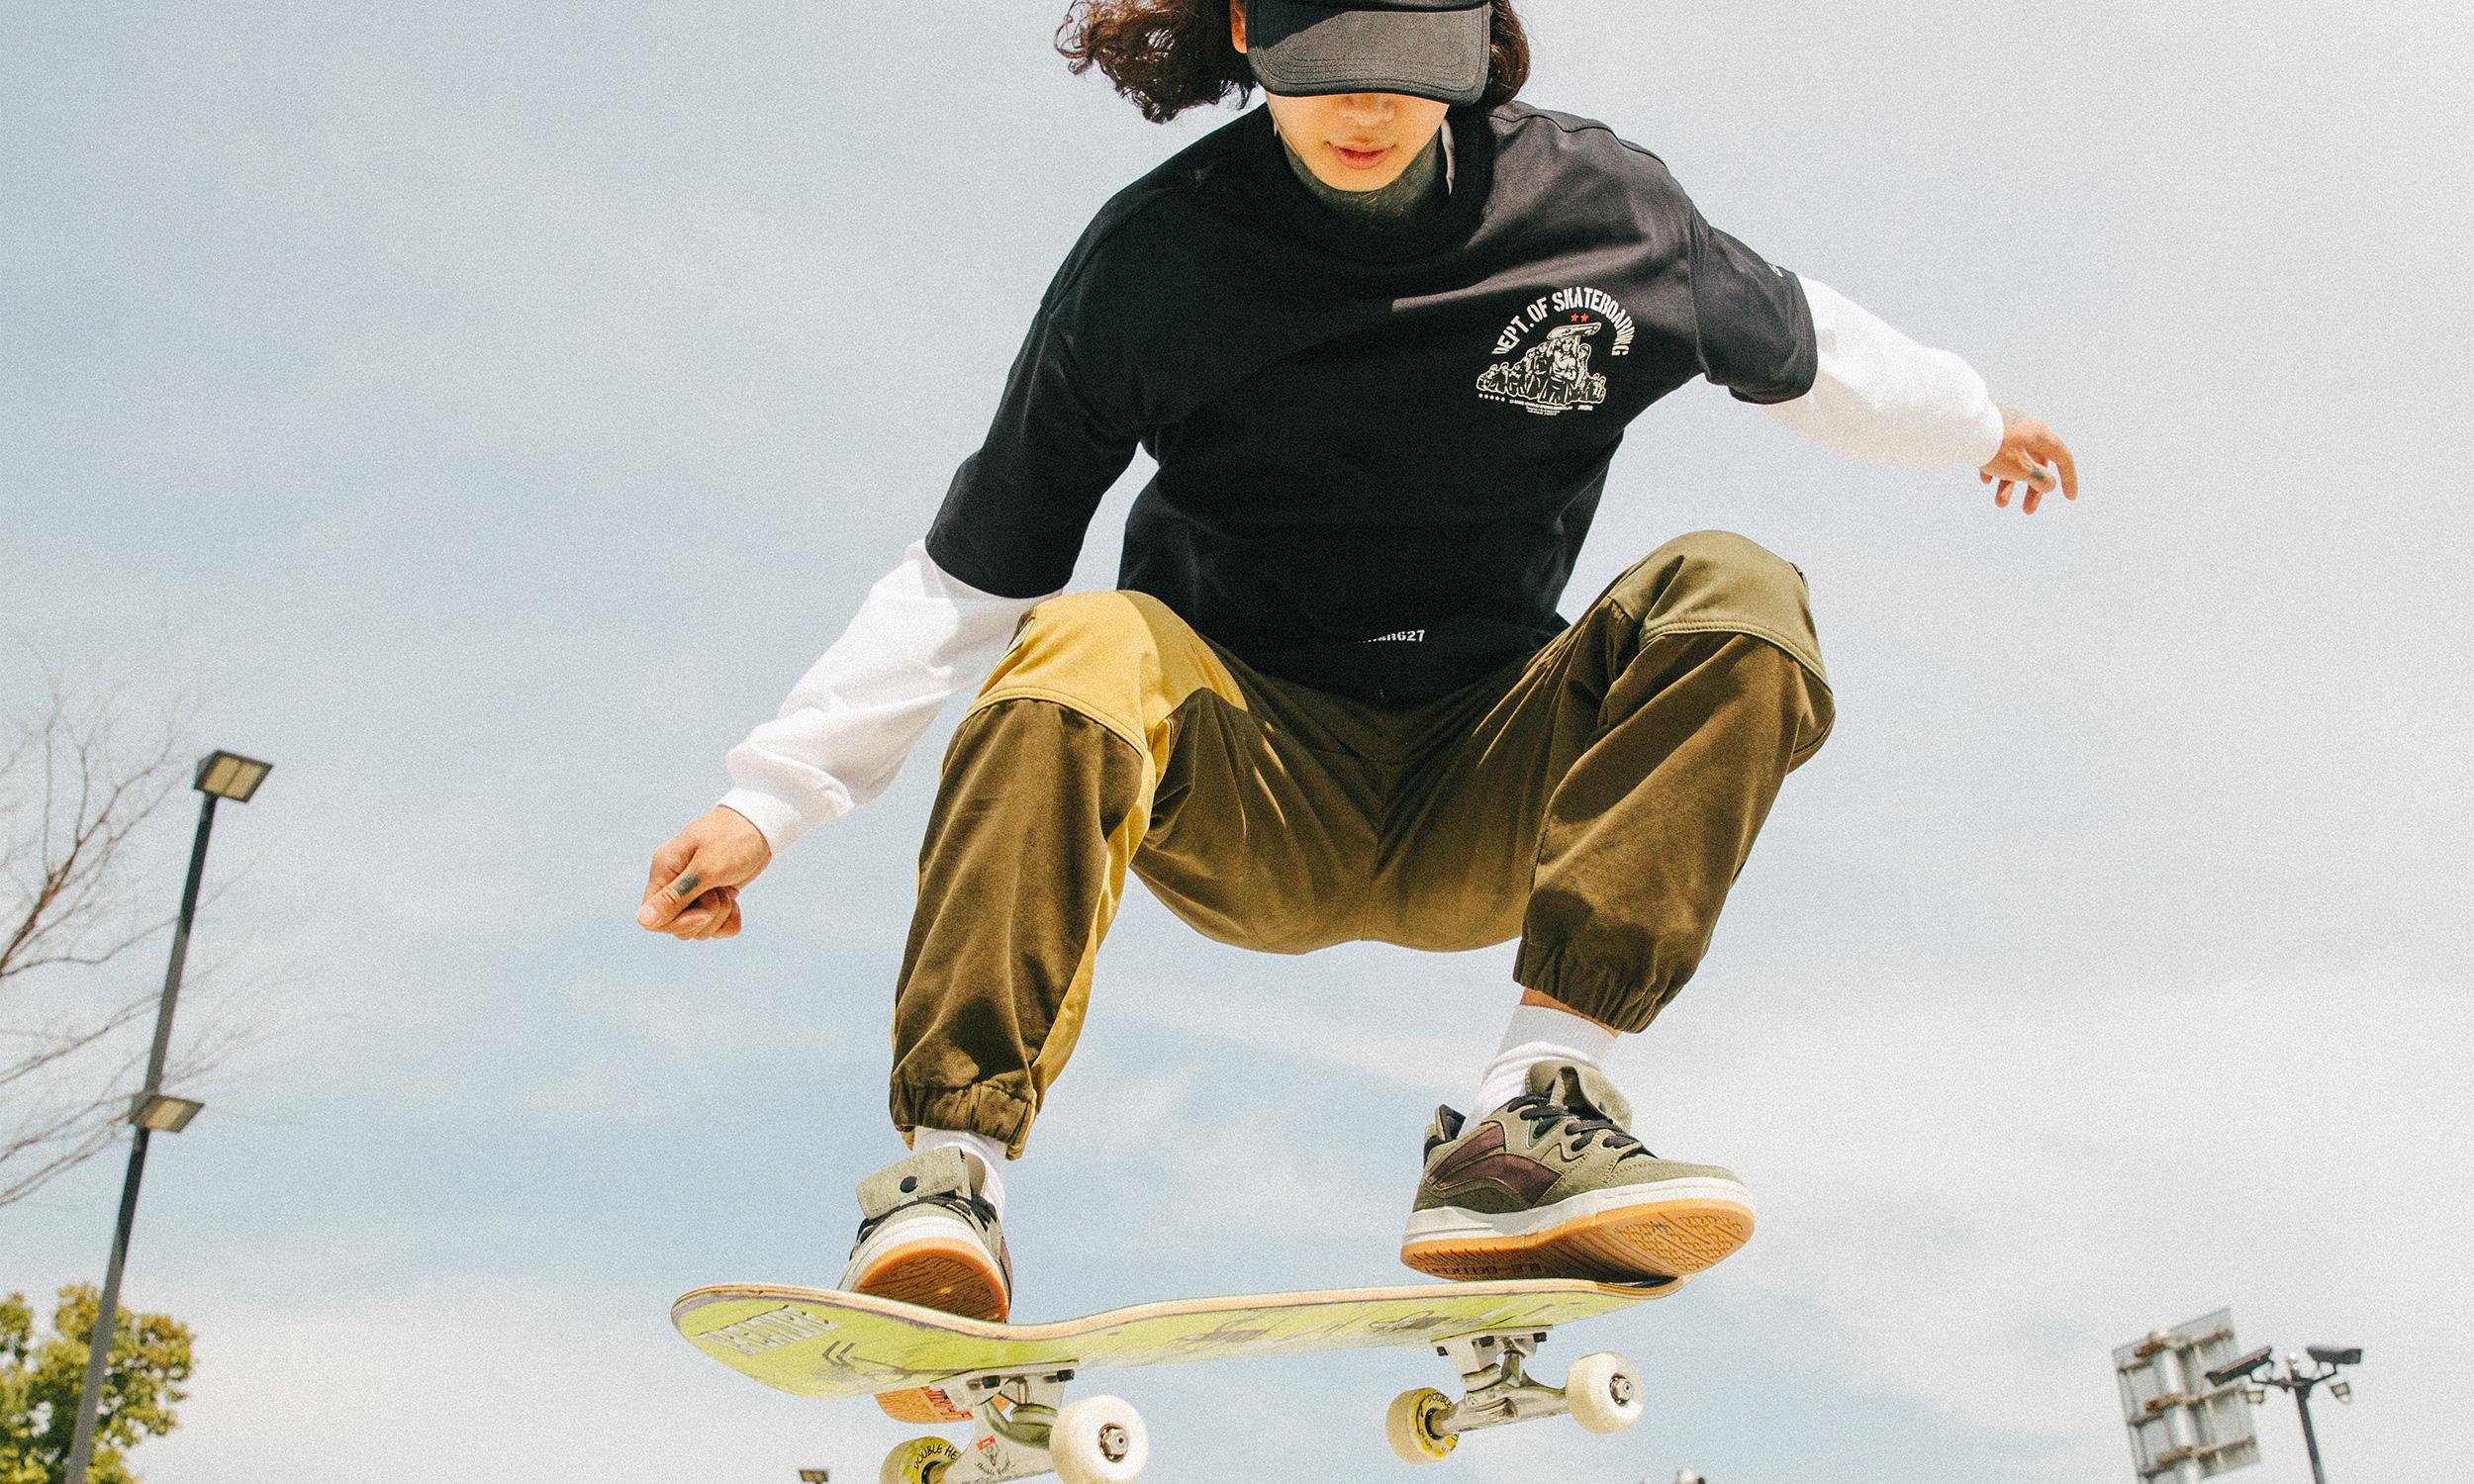 走进街头滑板文化,李宁交出了一份「革命」性的答卷